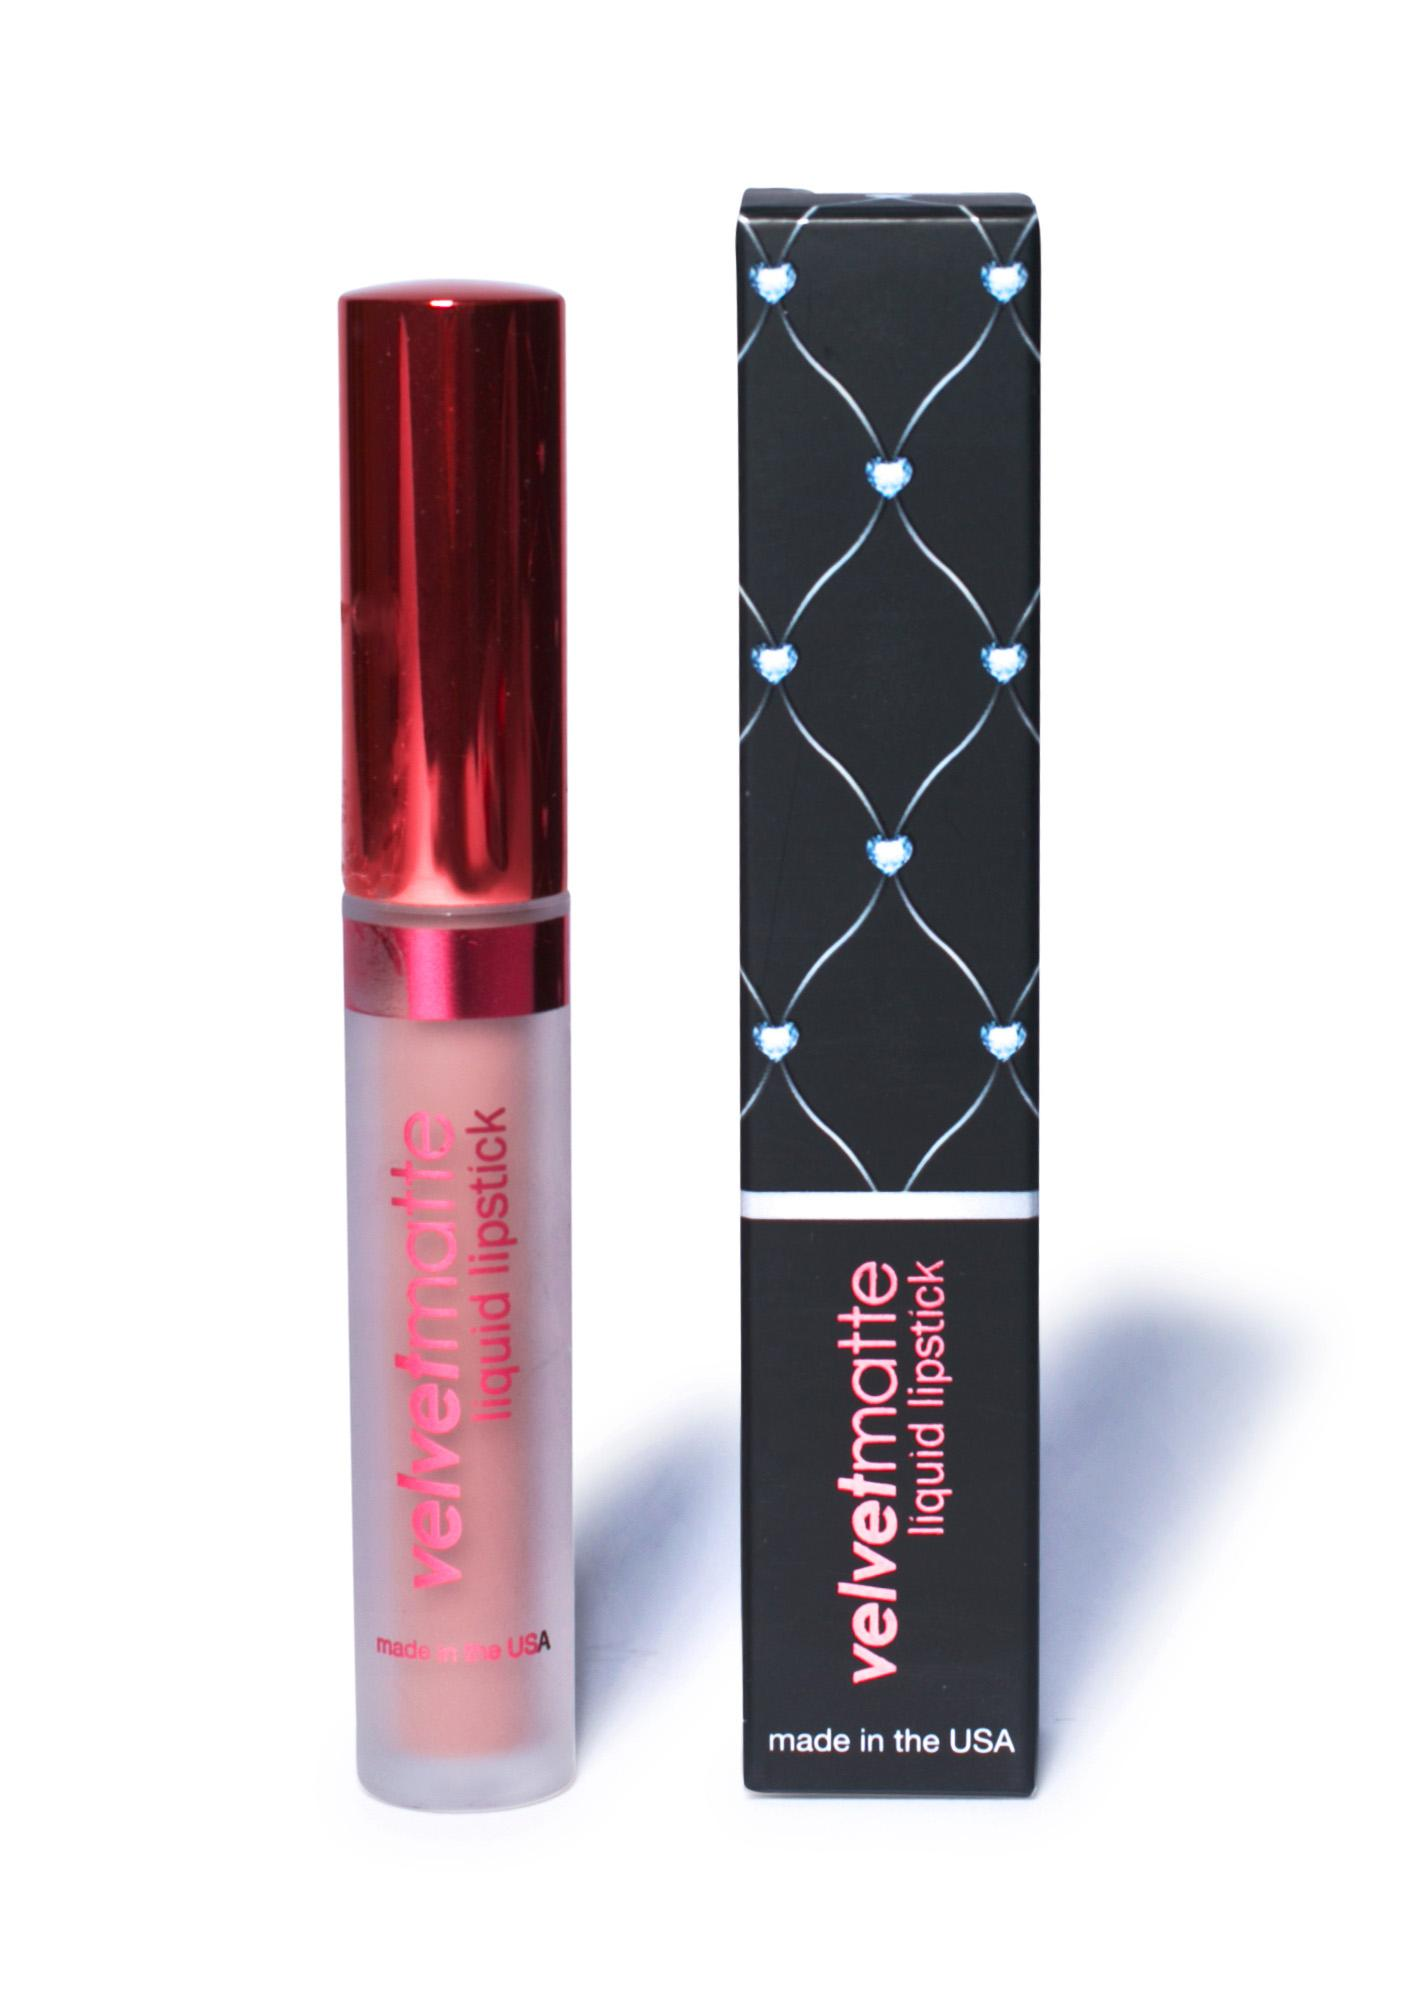 LA Splash Romance Velvet-Matte Liquid Lipstick